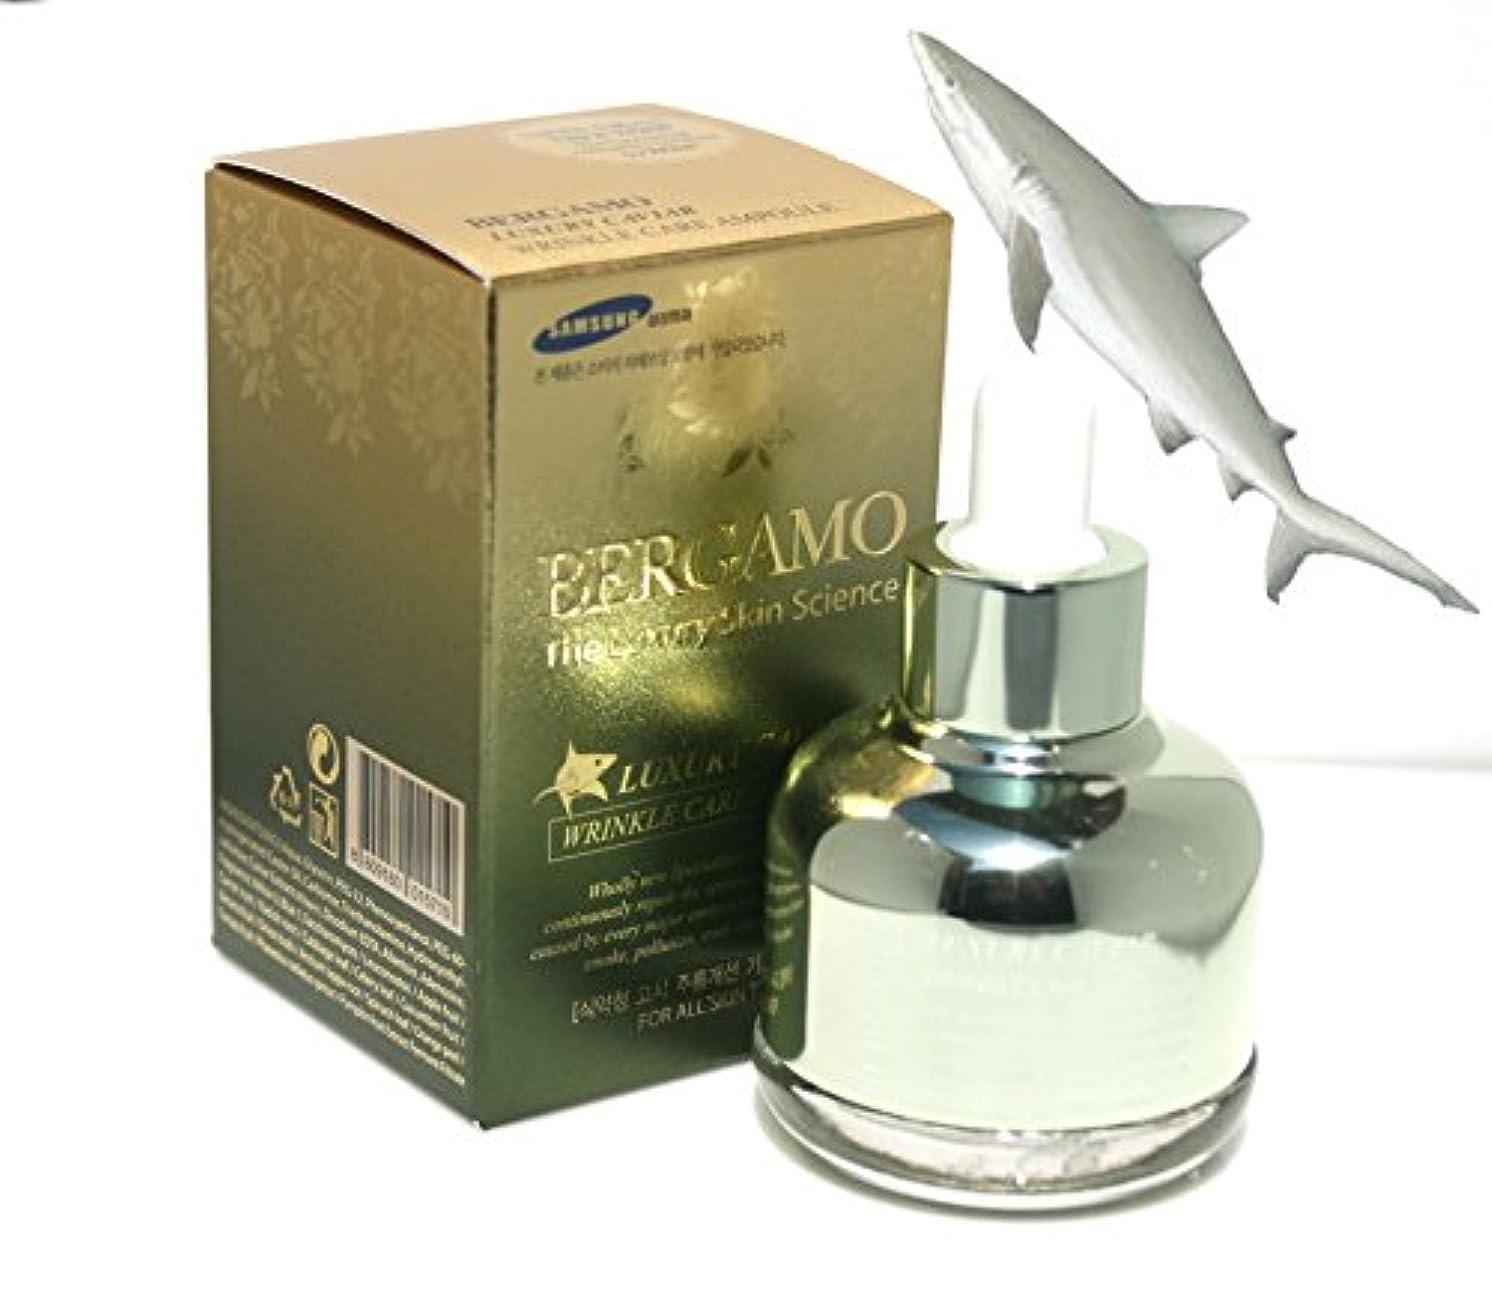 思慮のない先行するブレース【ベルガモ][Bergamo] 皮膚科学高級キャビアリンクルケアアンプル30ml / The Skin Science Luxury Caviar Wrinkle Care Ampoule 30ml / 韓国化粧品 /...